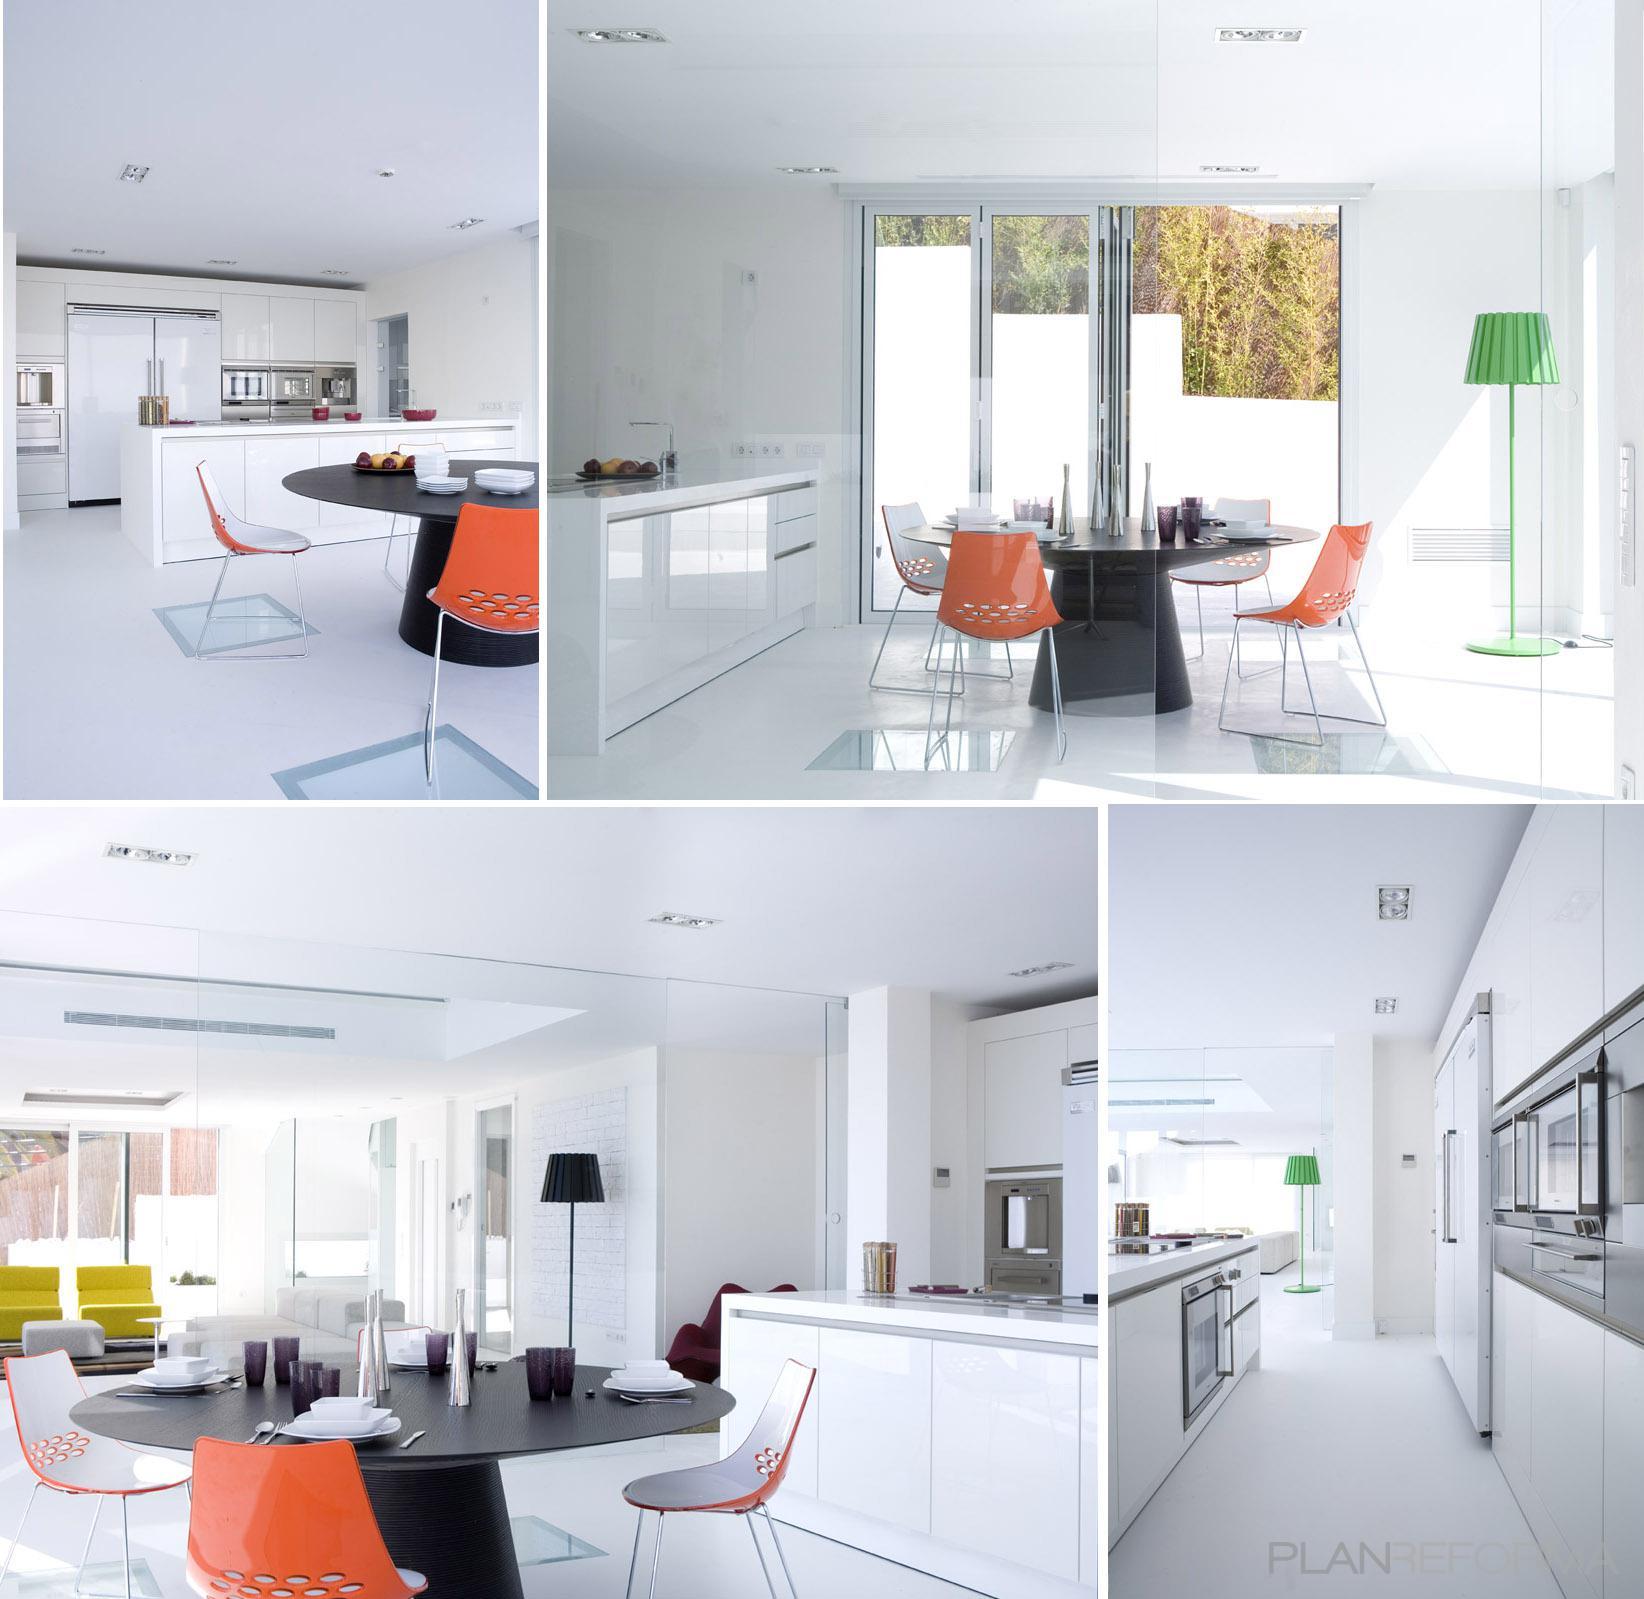 Comedor cocina salon style moderno color blanco gris for Cocina comedor salon